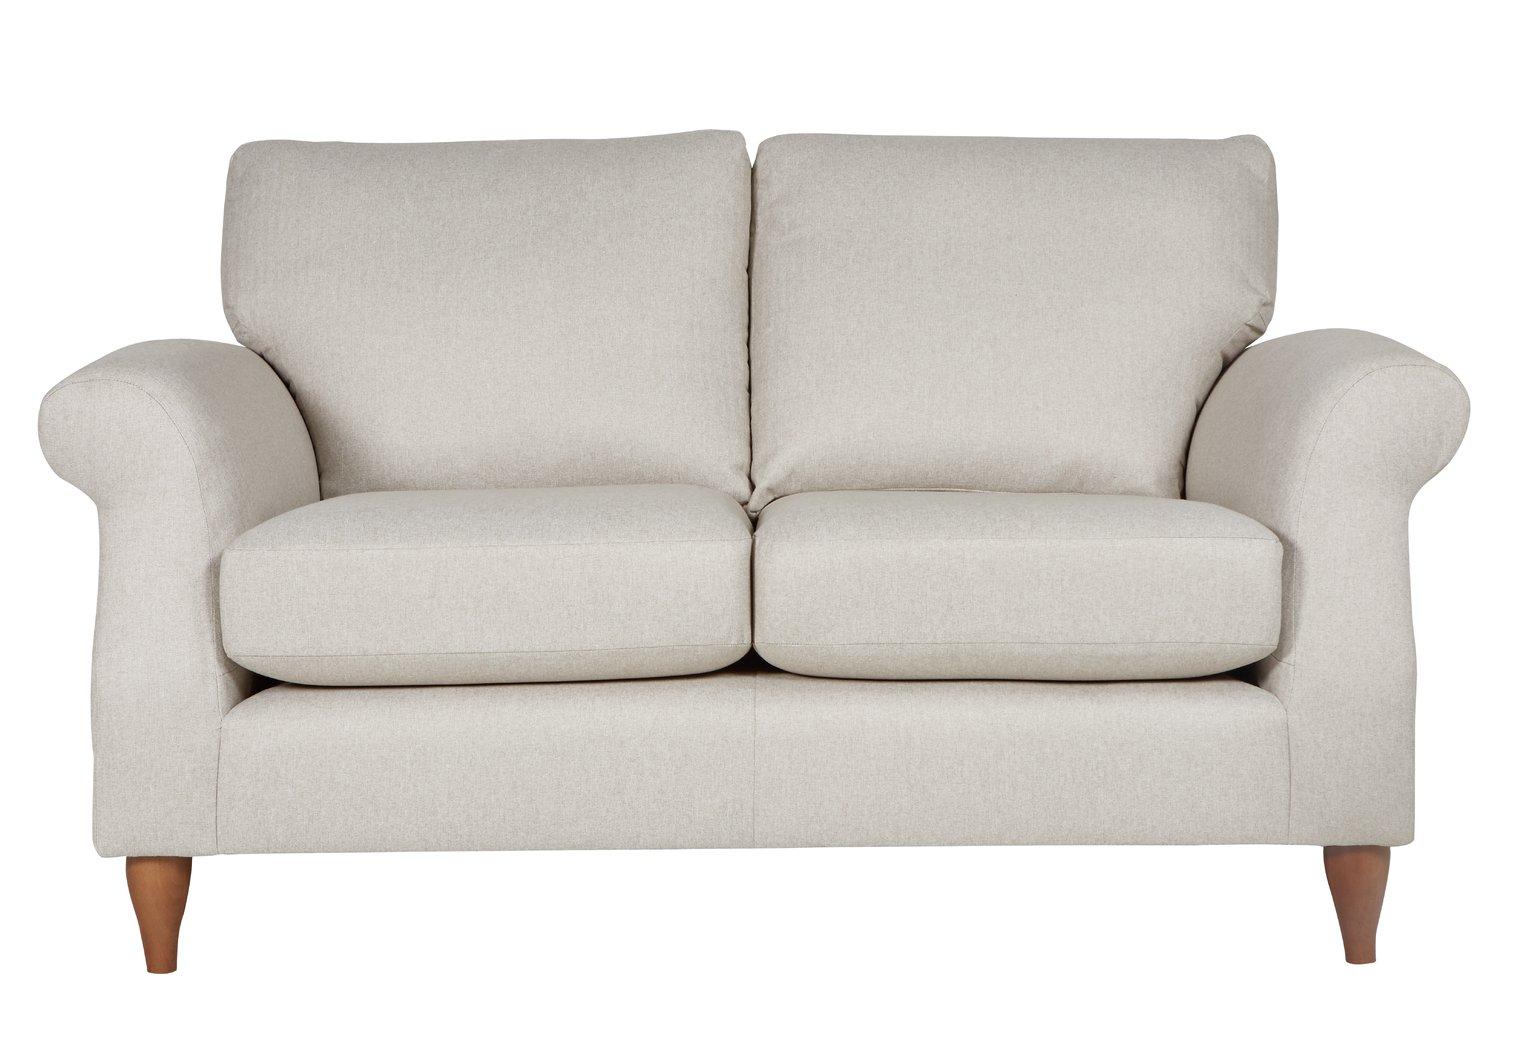 Argos Home Bude 2 Seater Fabric Sofa - Cream